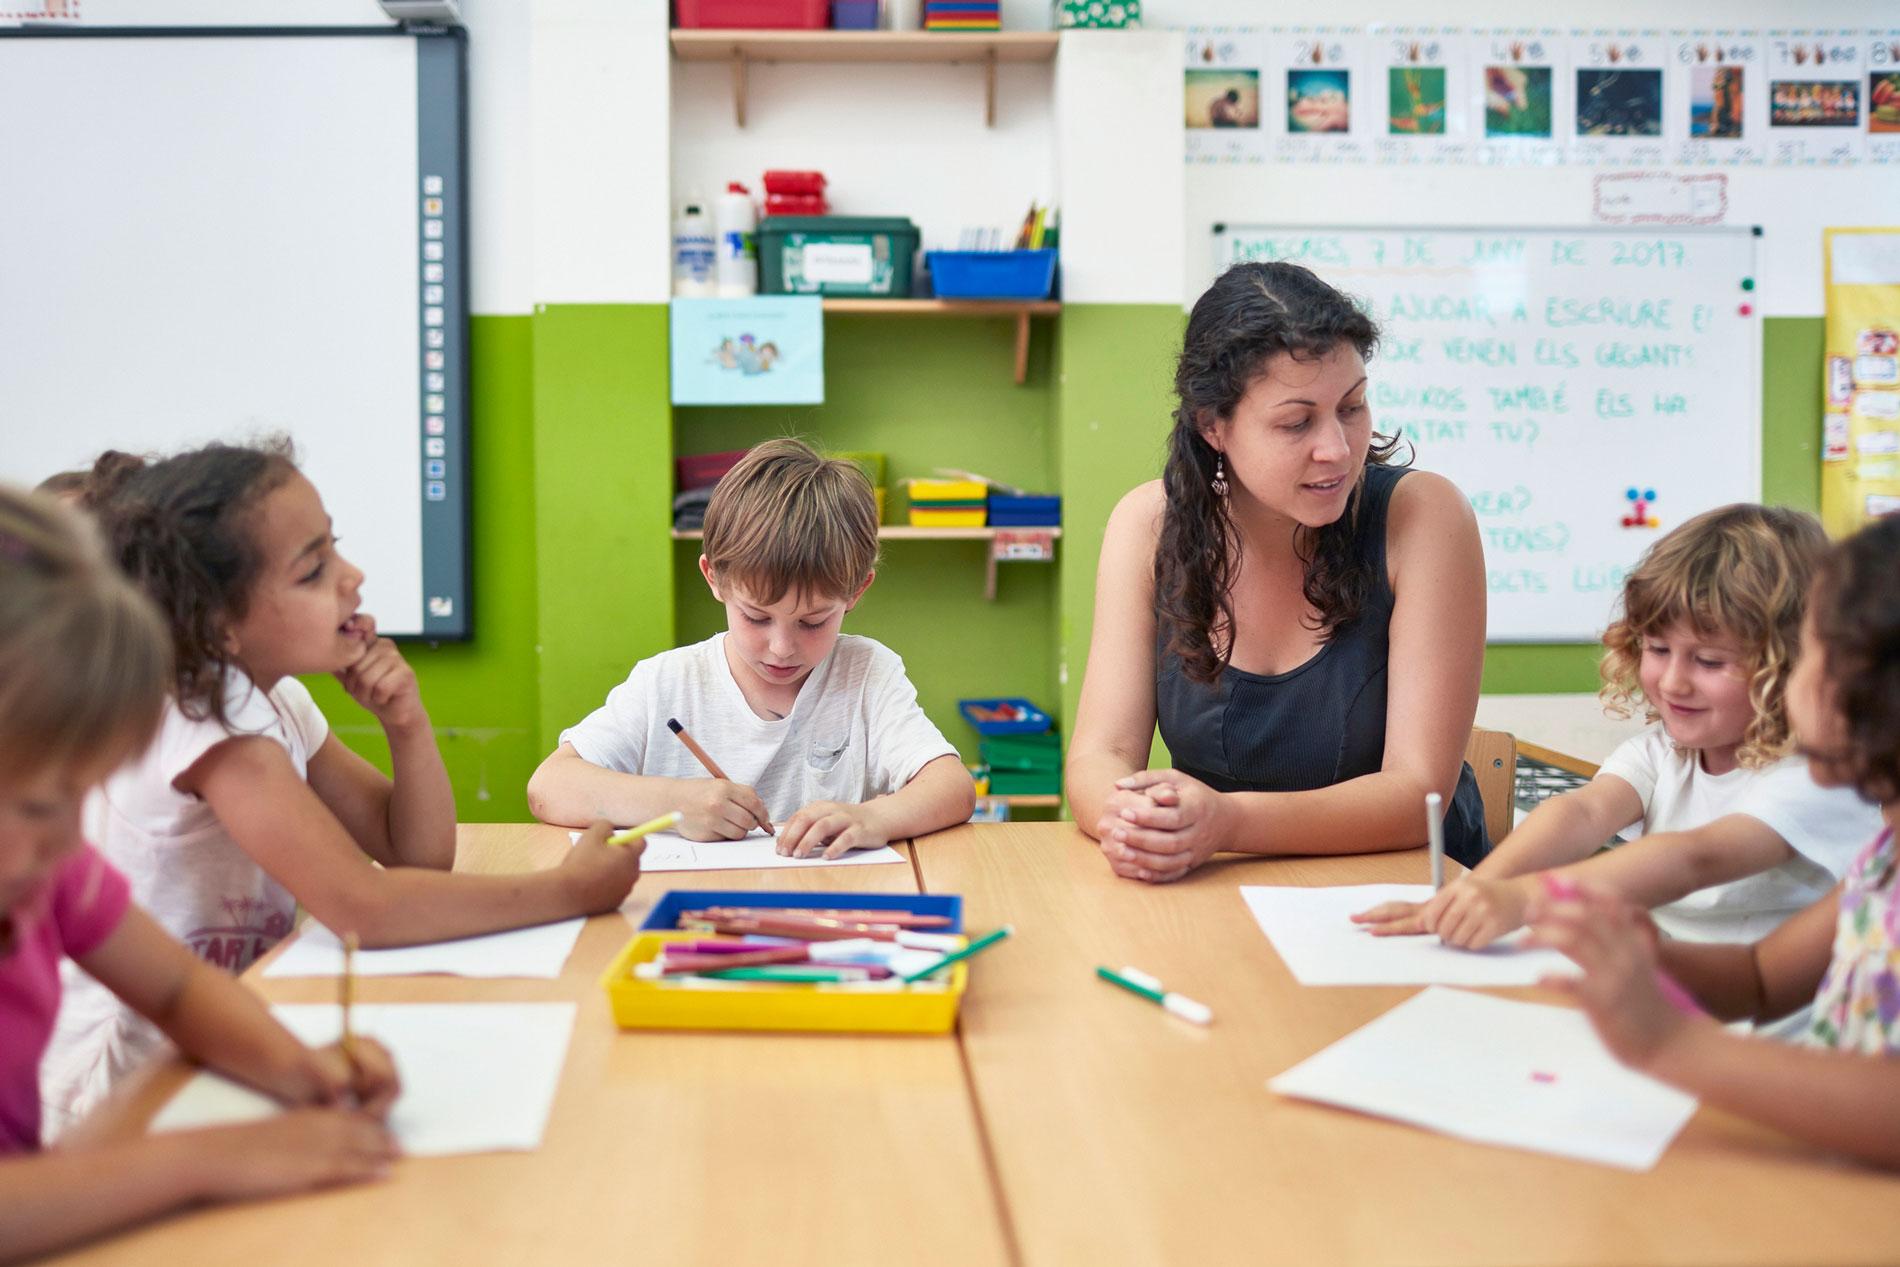 Trabajar en grupos es muy enriquecedor para el aprendizaje.